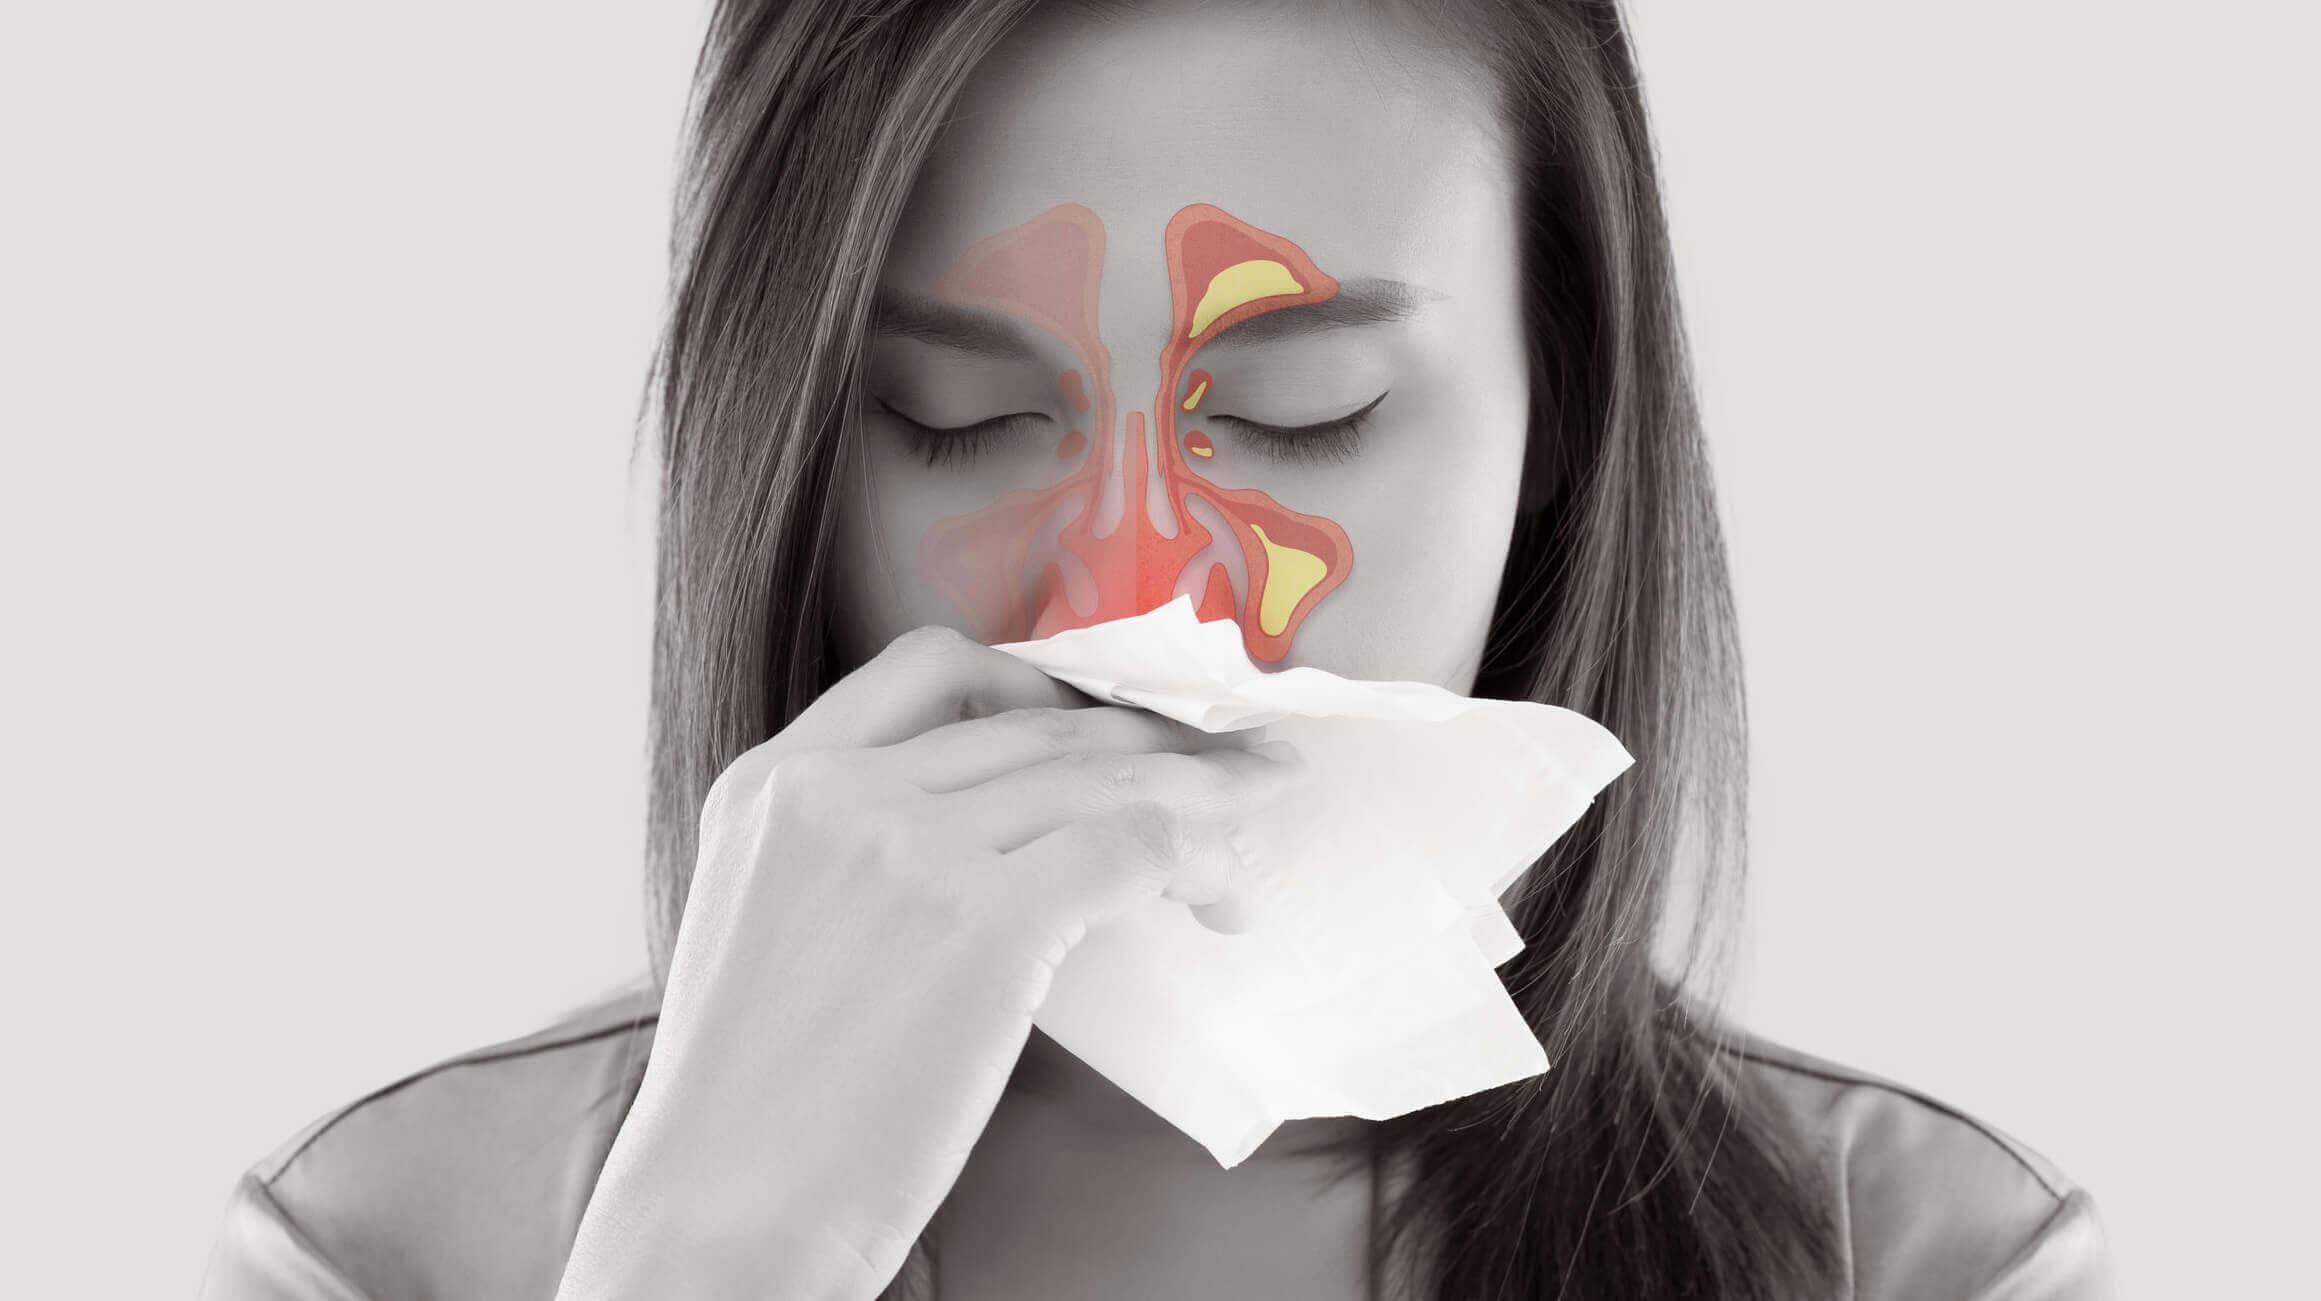 急性副鼻腔炎・蓄膿症の症状で悩んでいる患者・神奈川県横浜市港北区大倉山耳鼻咽喉科